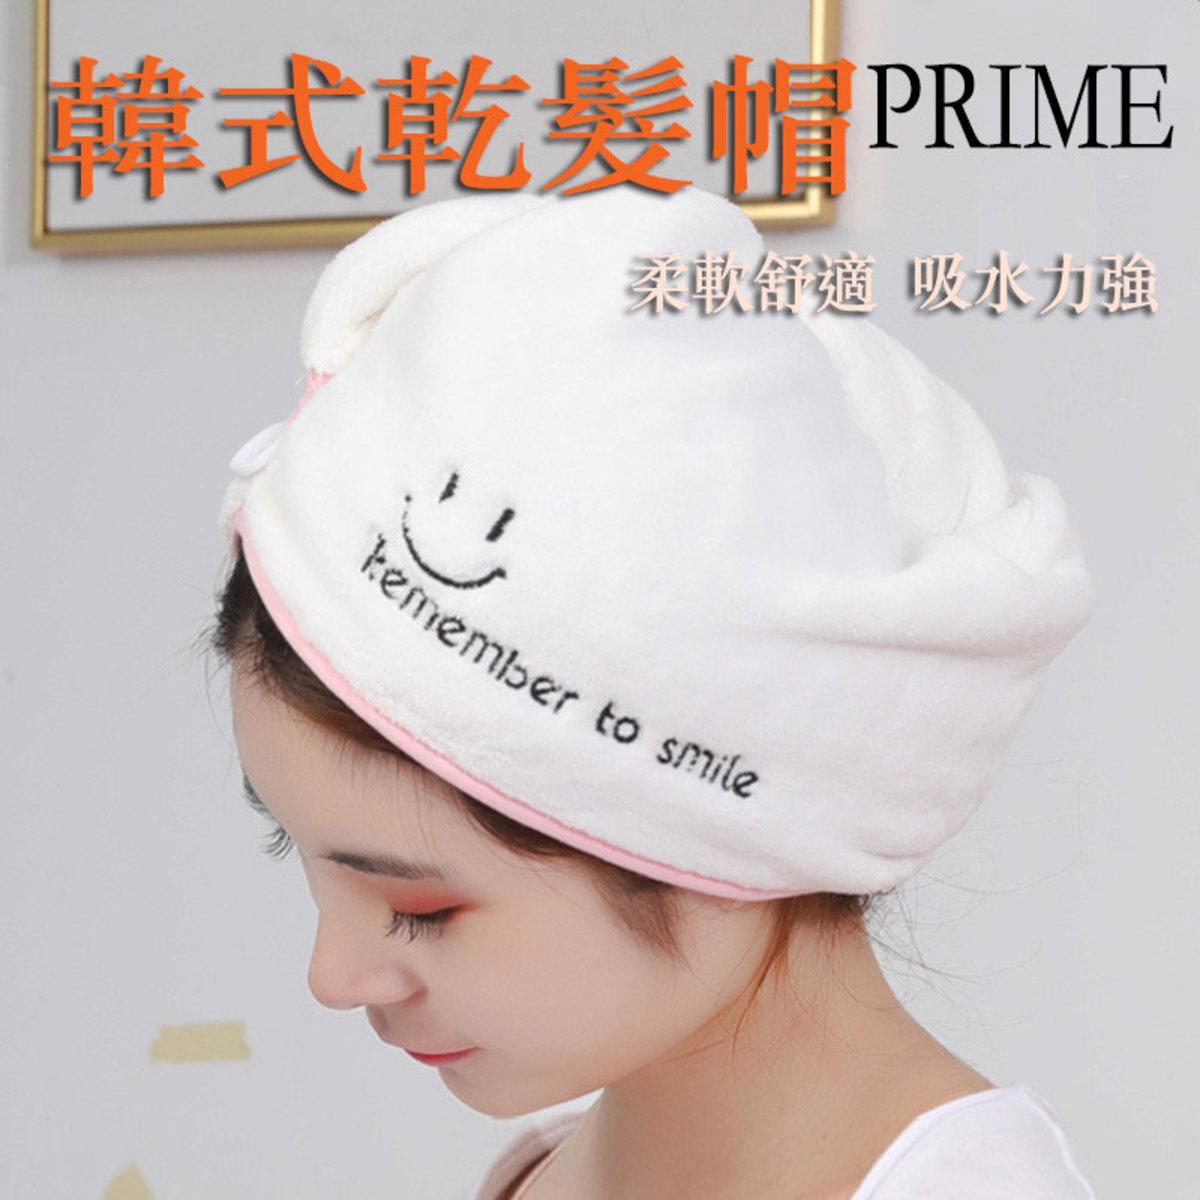 乾髮帽 乾髮巾 快乾頭巾 乾髮毛巾 超強吸水頭巾浴帽